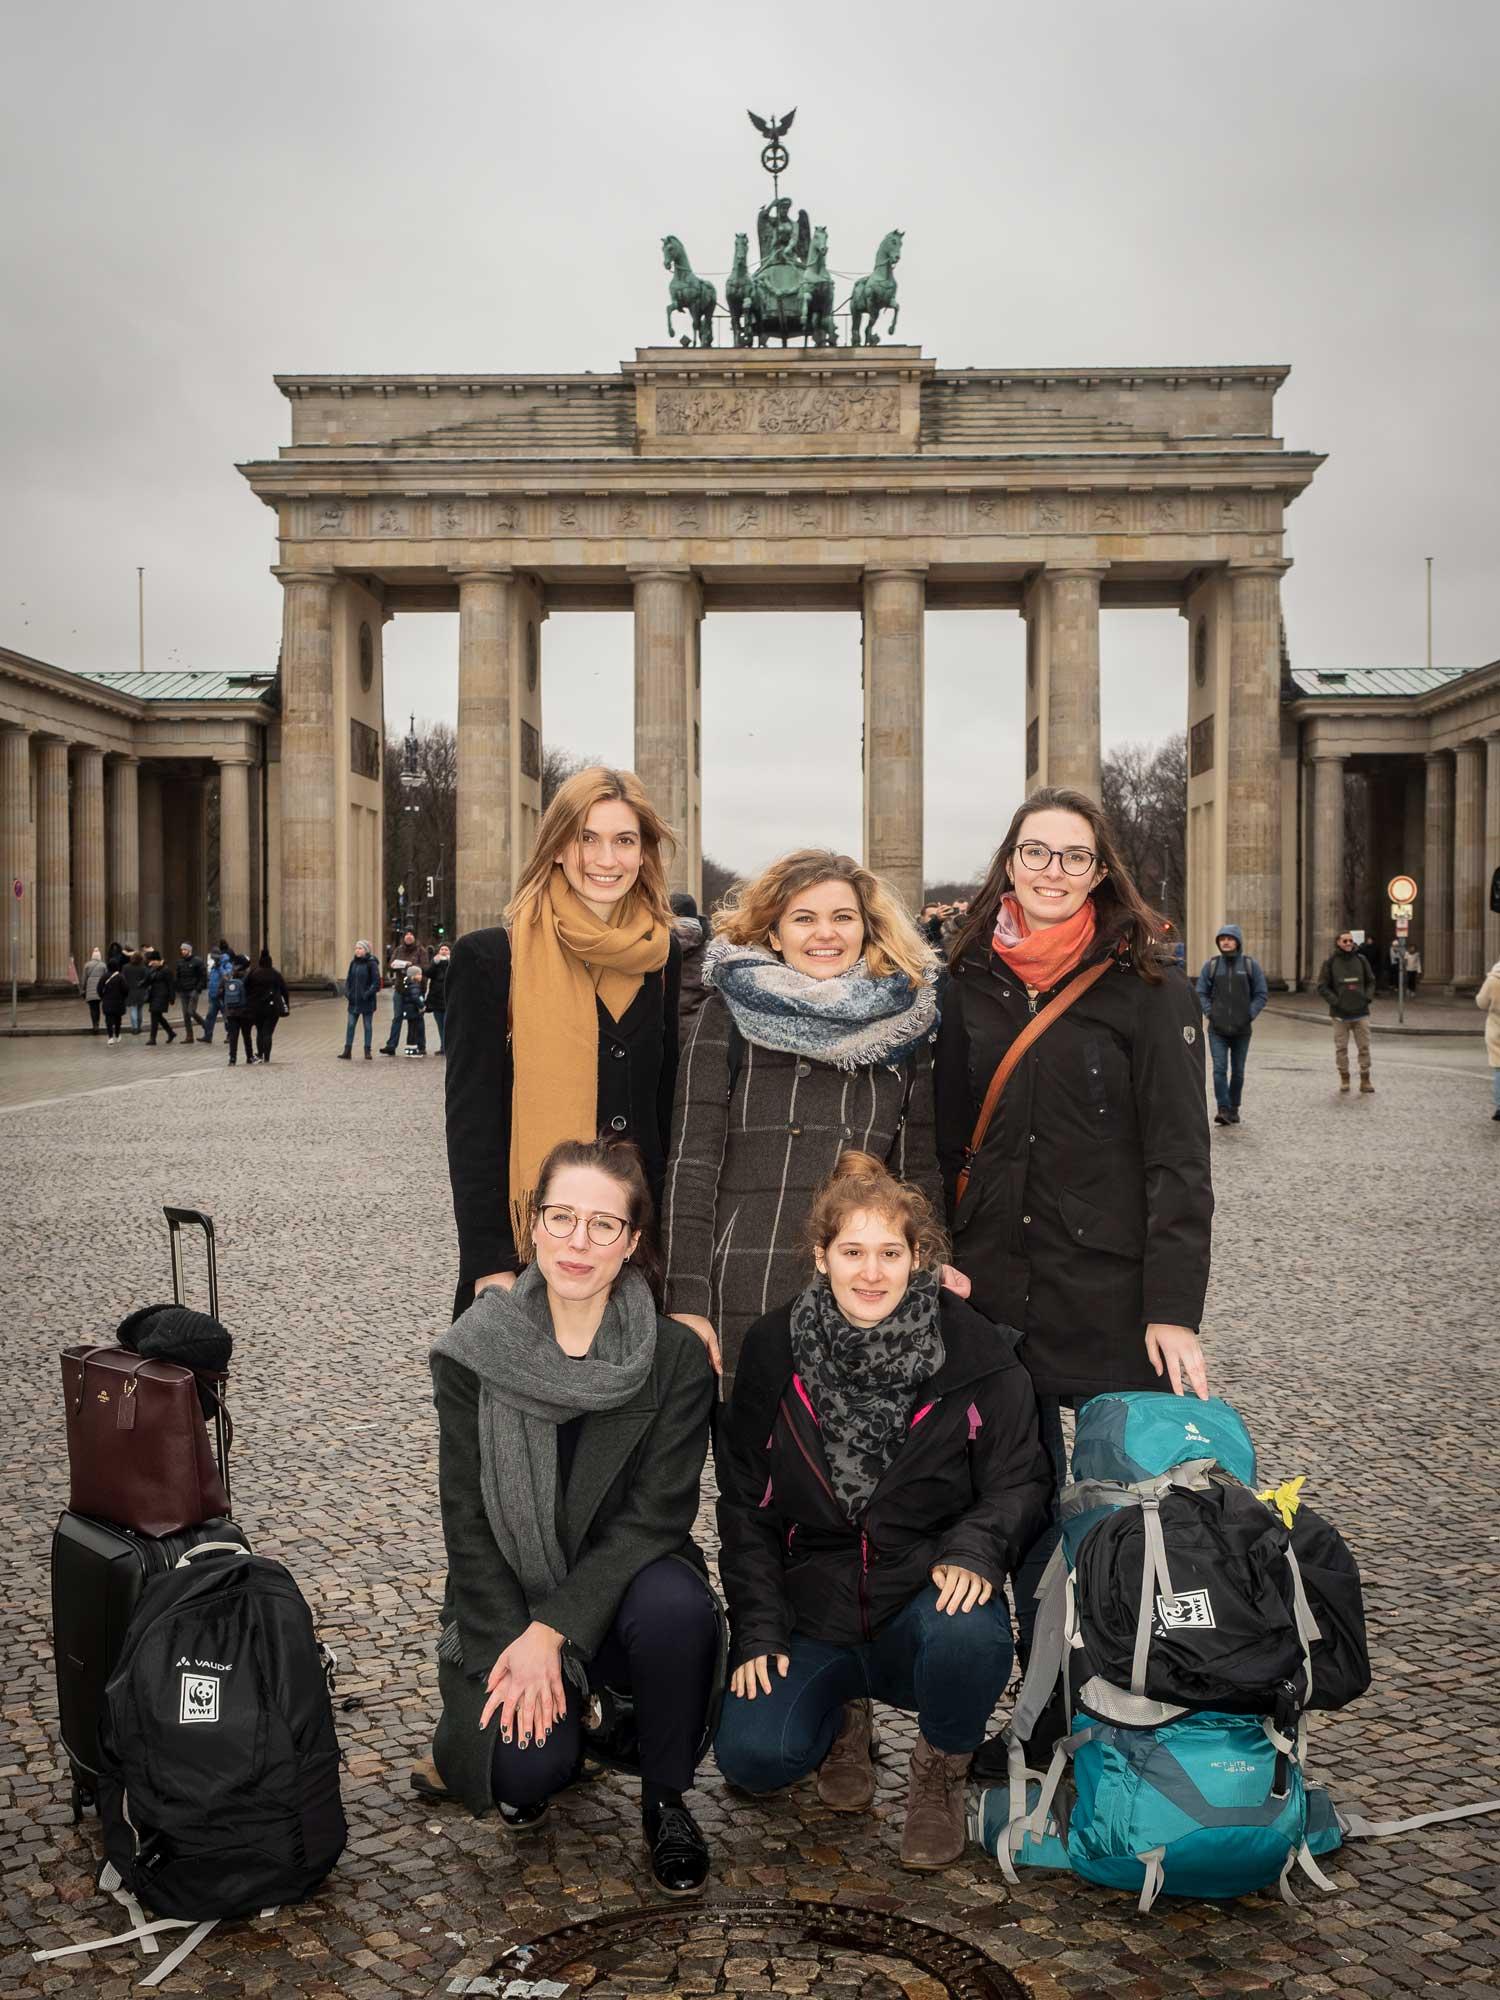 Die fünf neuen Trainees beim Treffen vor dem Brandenburger Tor in Berlin. © Daniel Seiffert